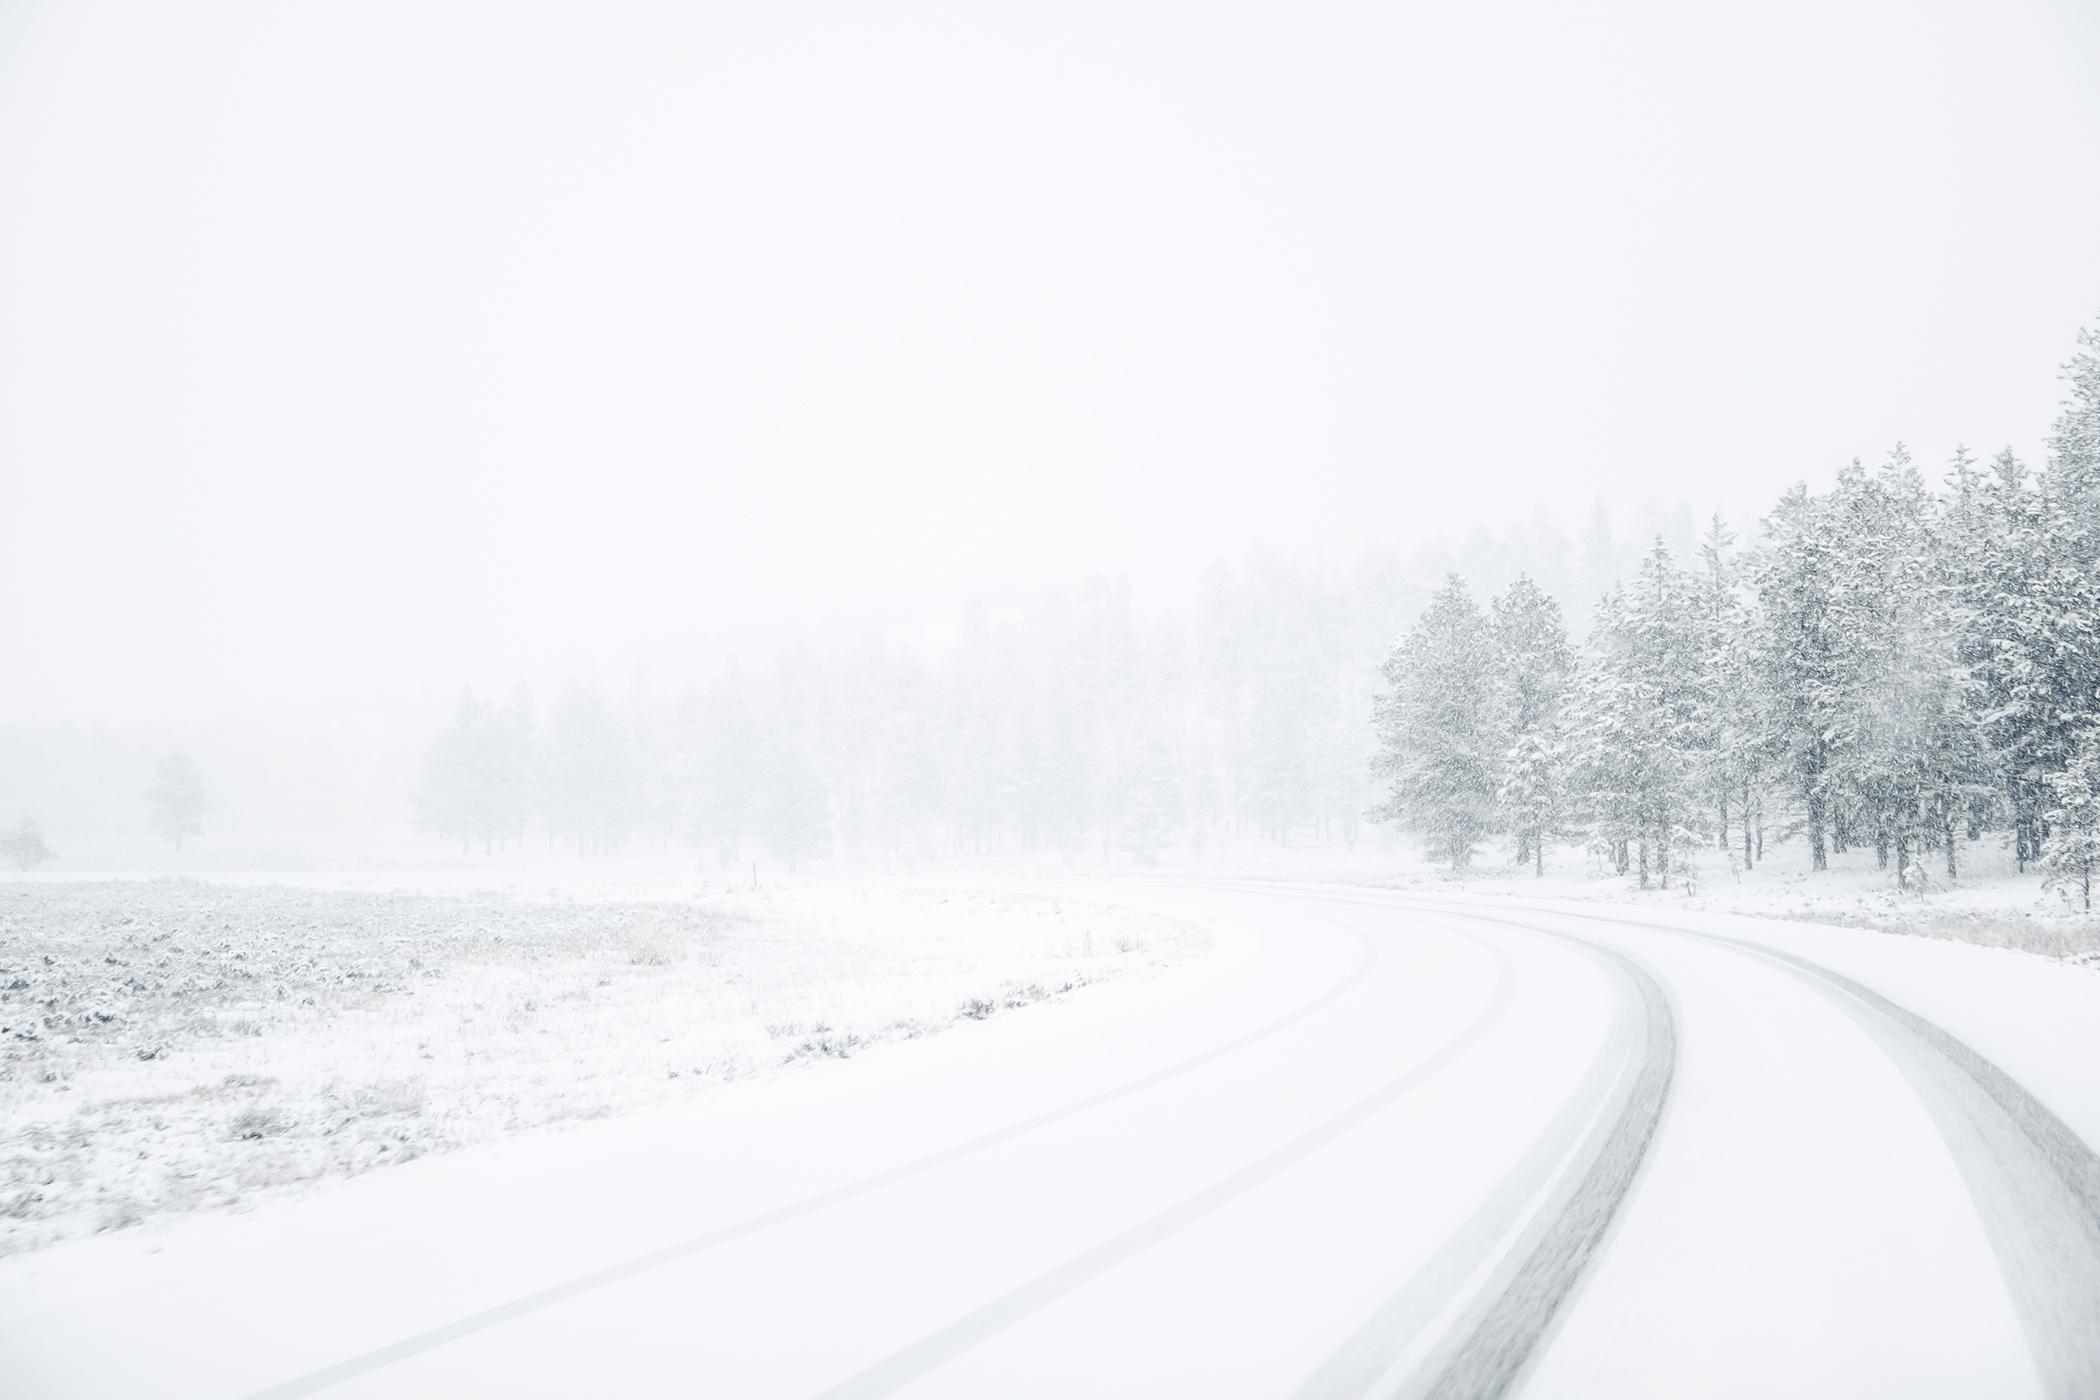 Fade into white